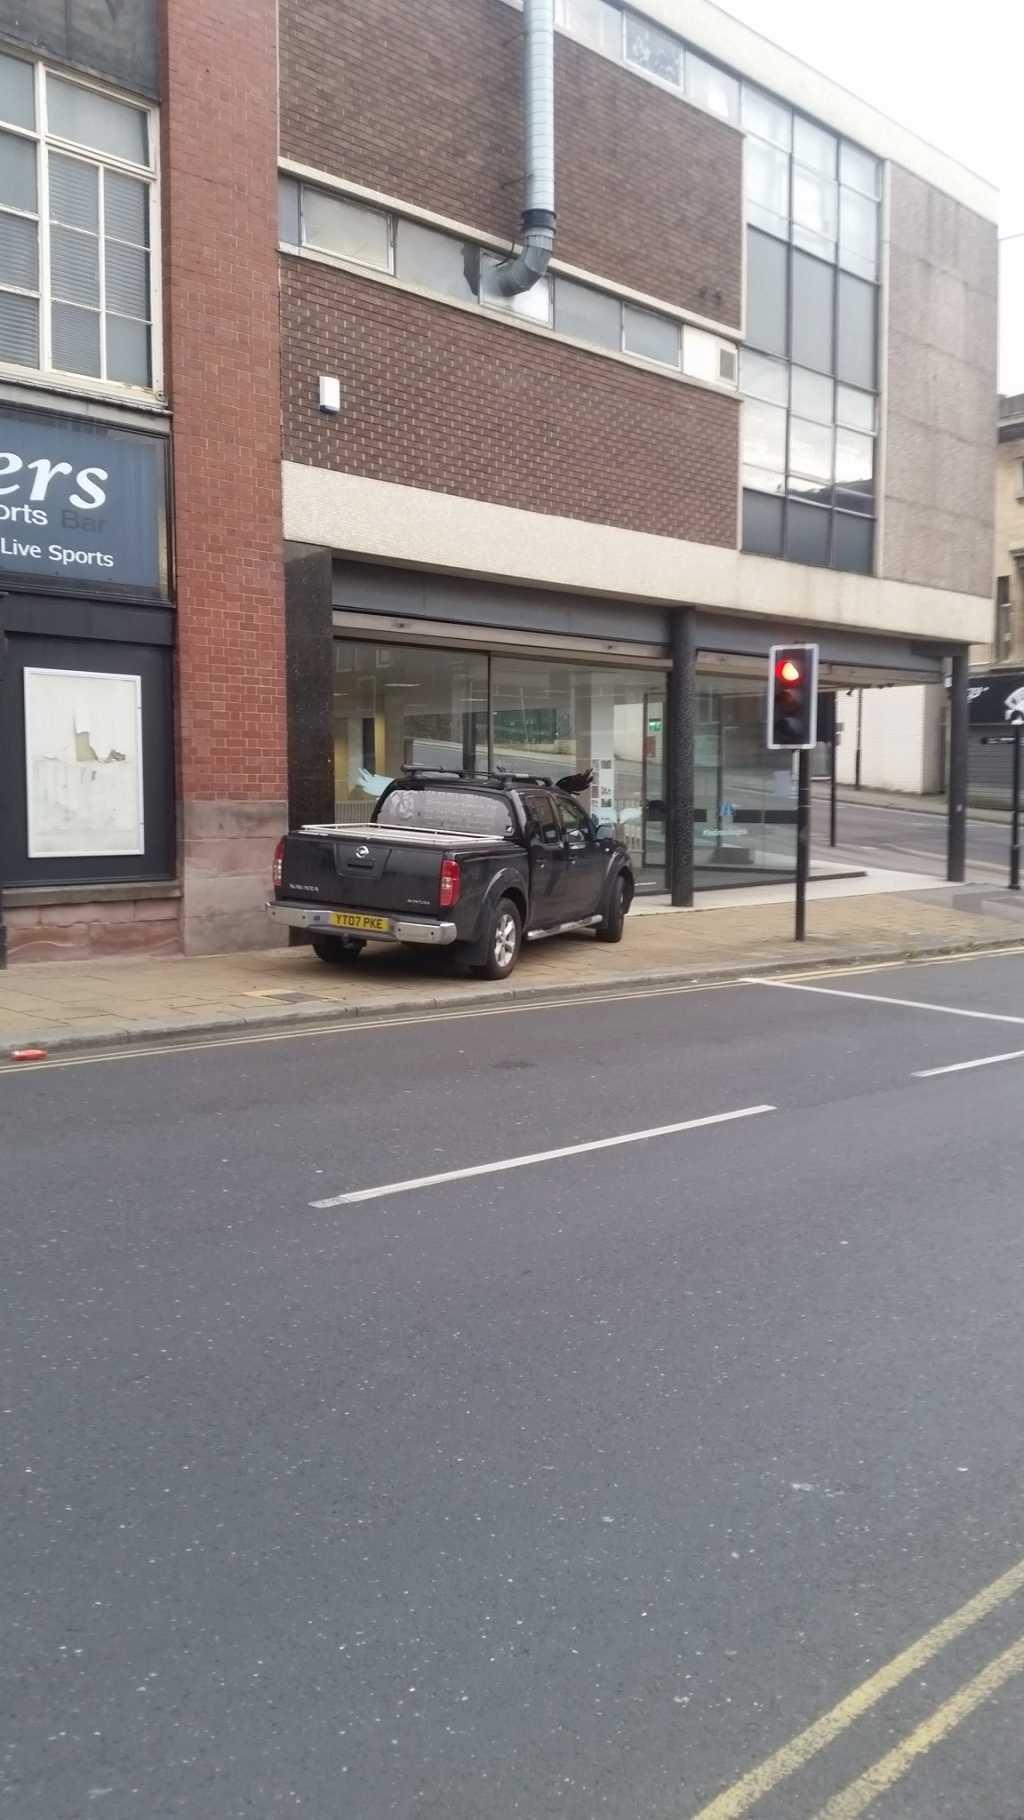 YT07 PKE displaying crap parking